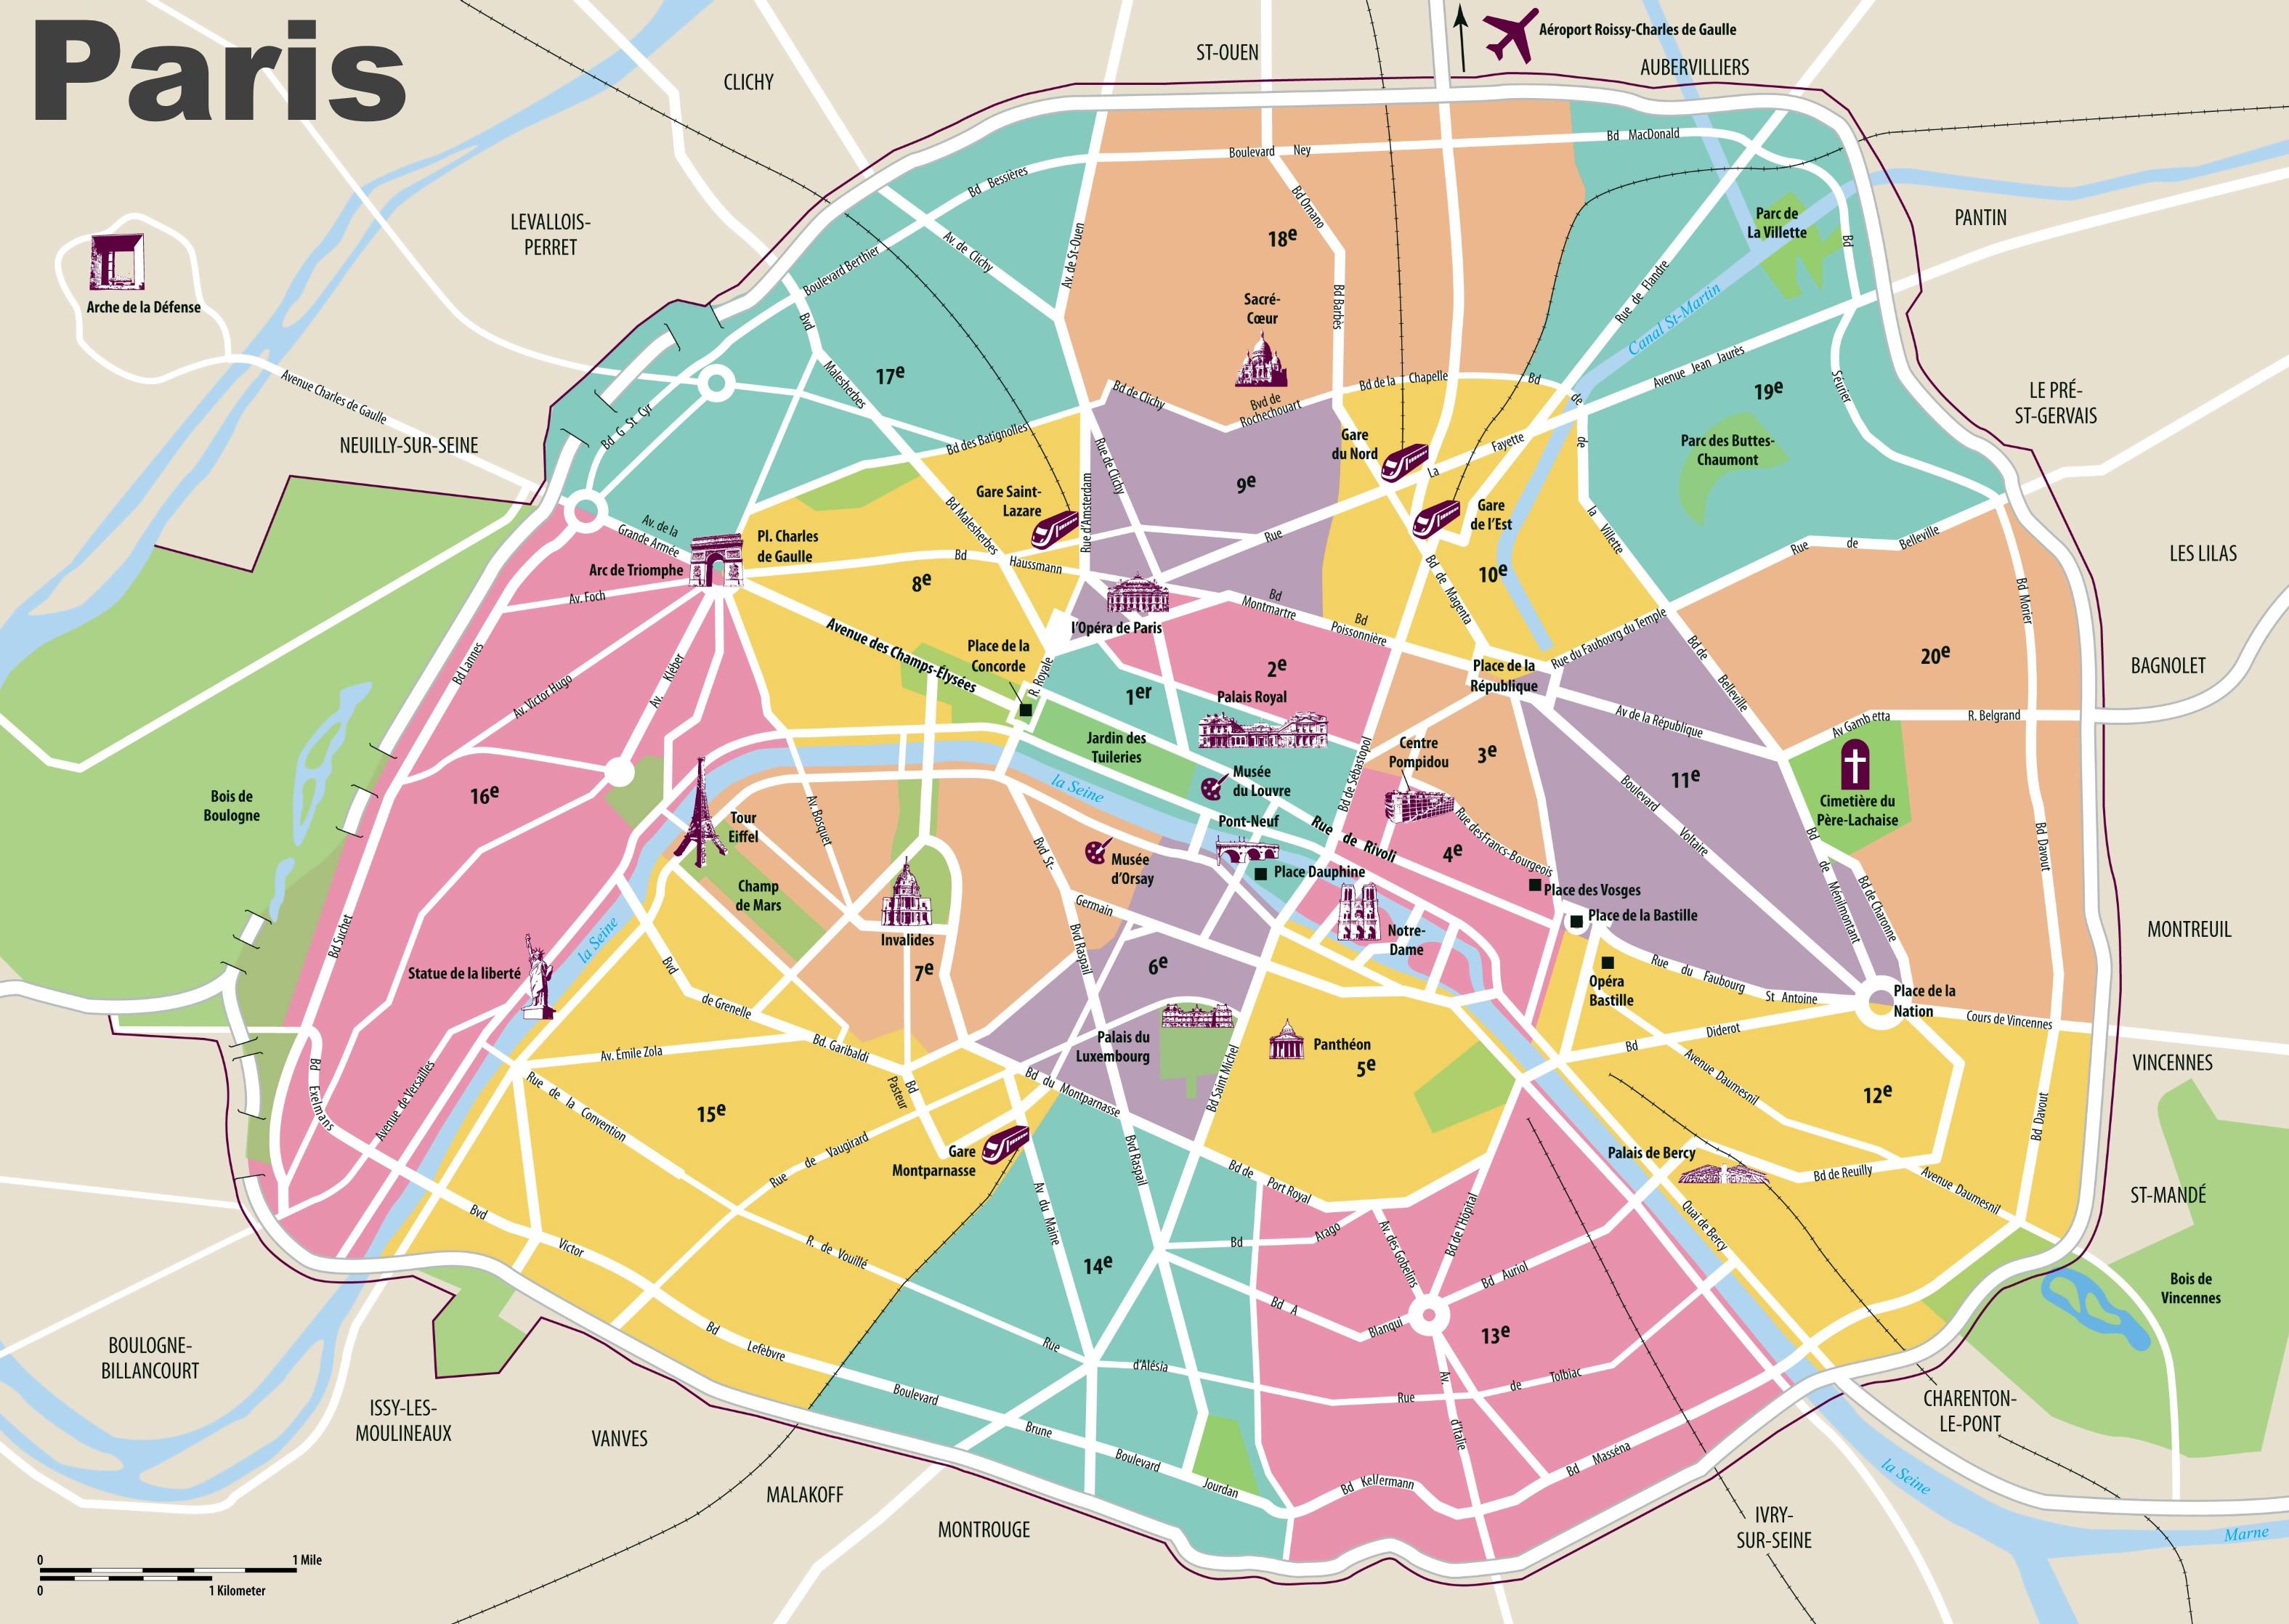 Mapy Parize Ke Stazeni